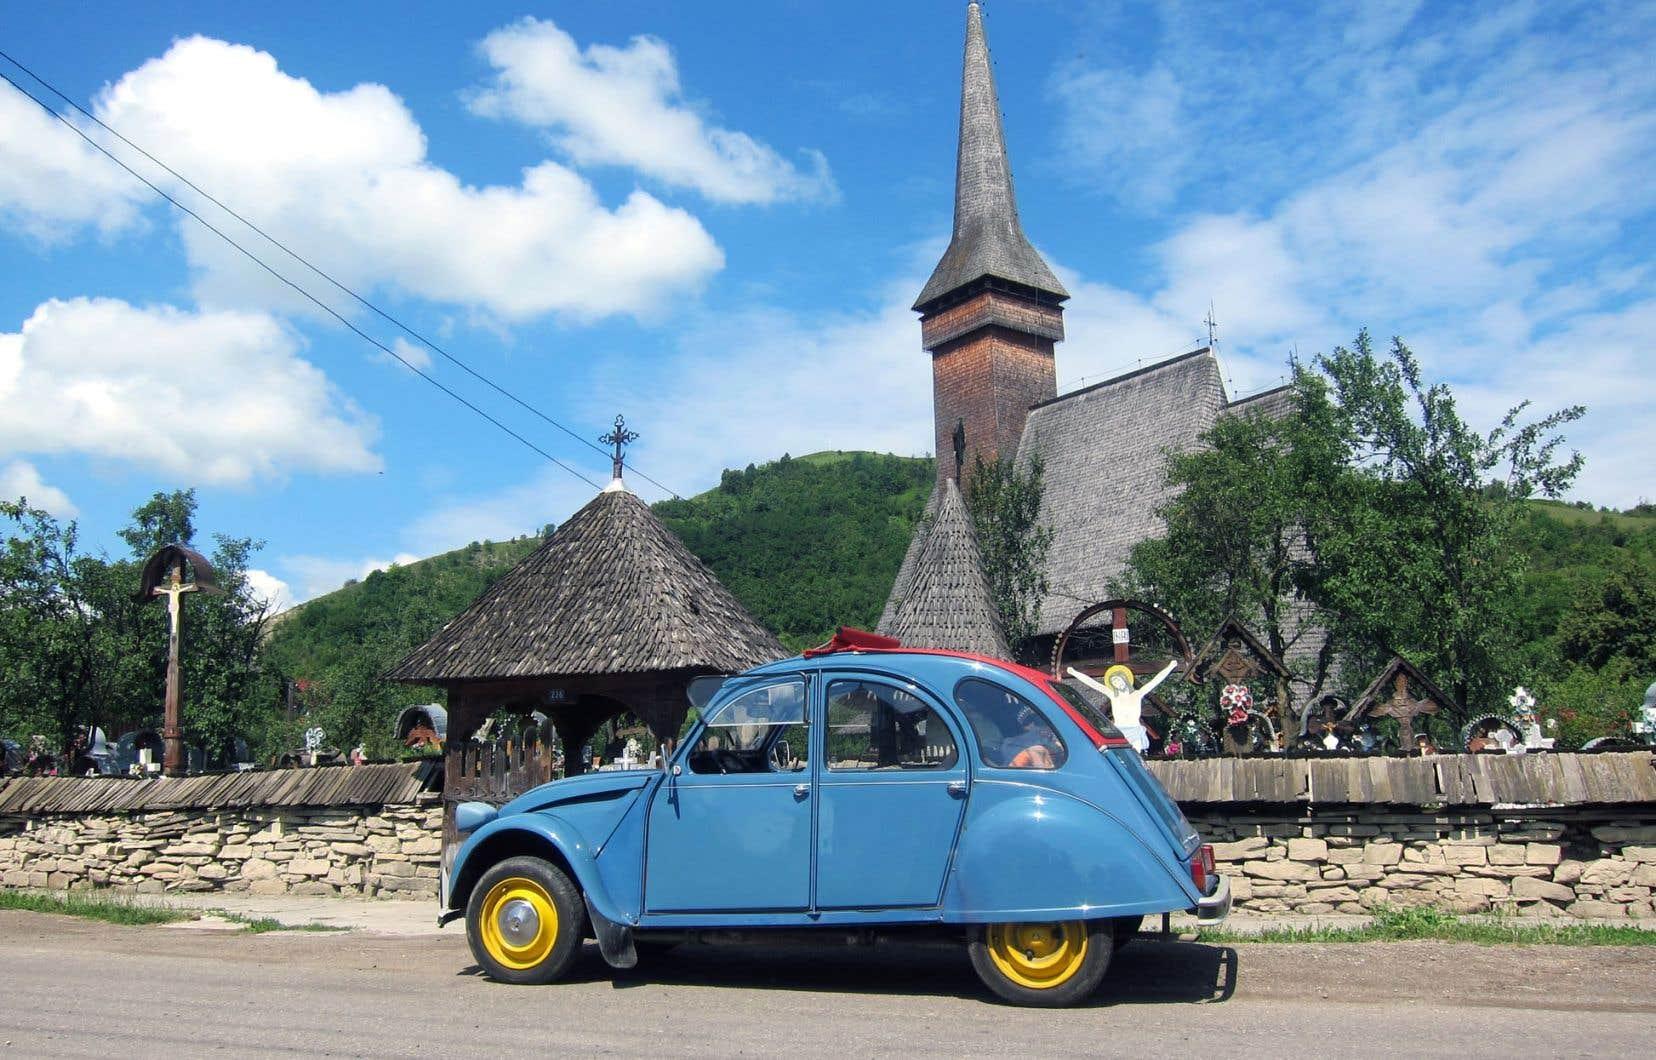 La deux-chevaux lors de son arrêt dans le village d'Ieud, en Roumanie, près de la frontière avec l'Ukraine.